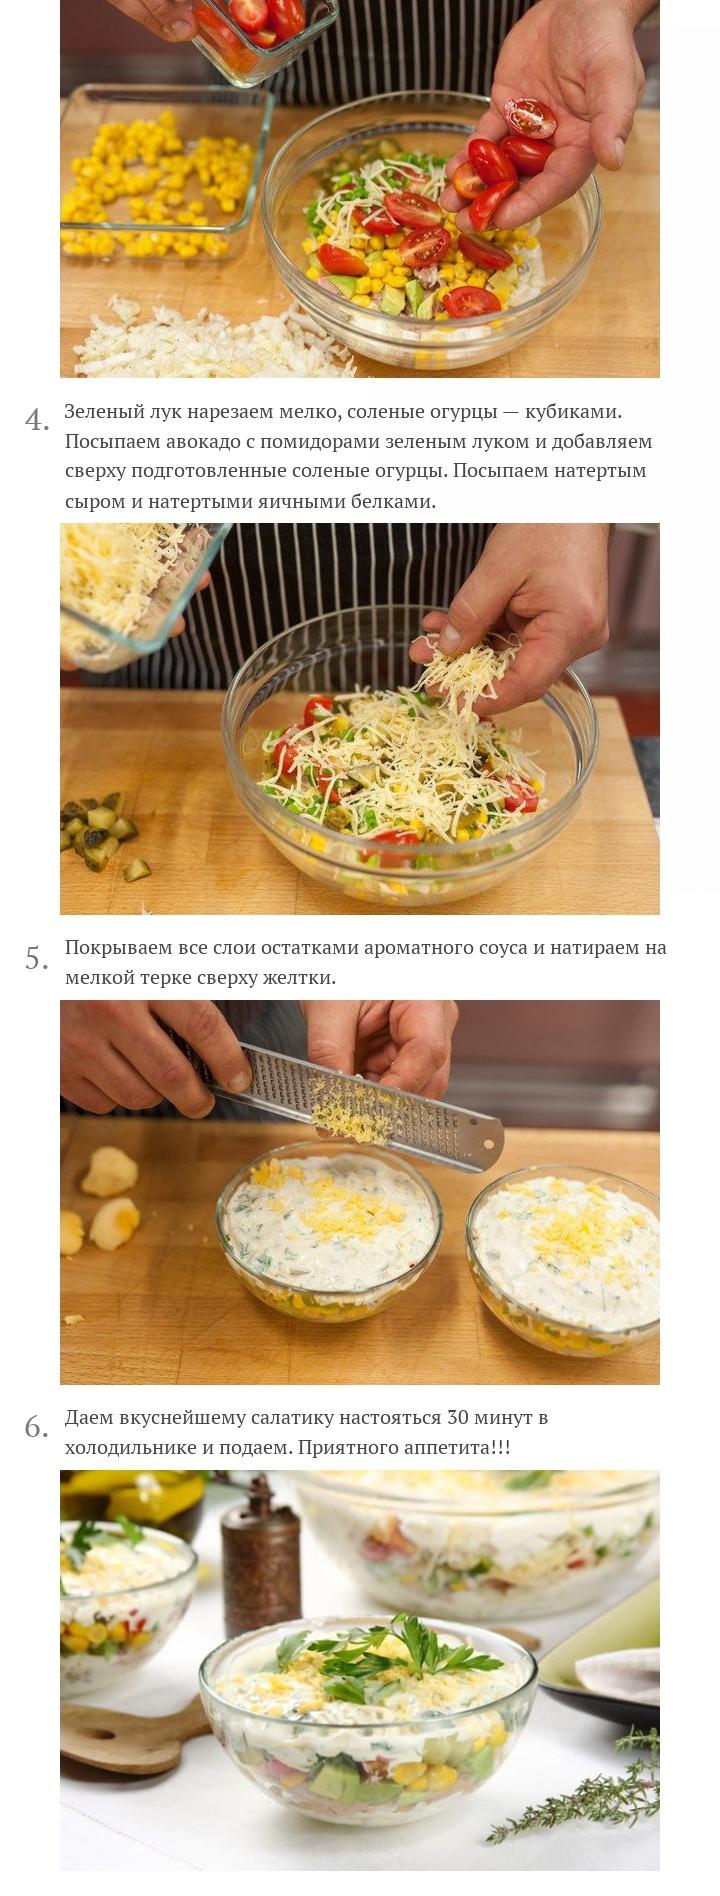 Салат с консервированным тунцом и овощами, изображение №3